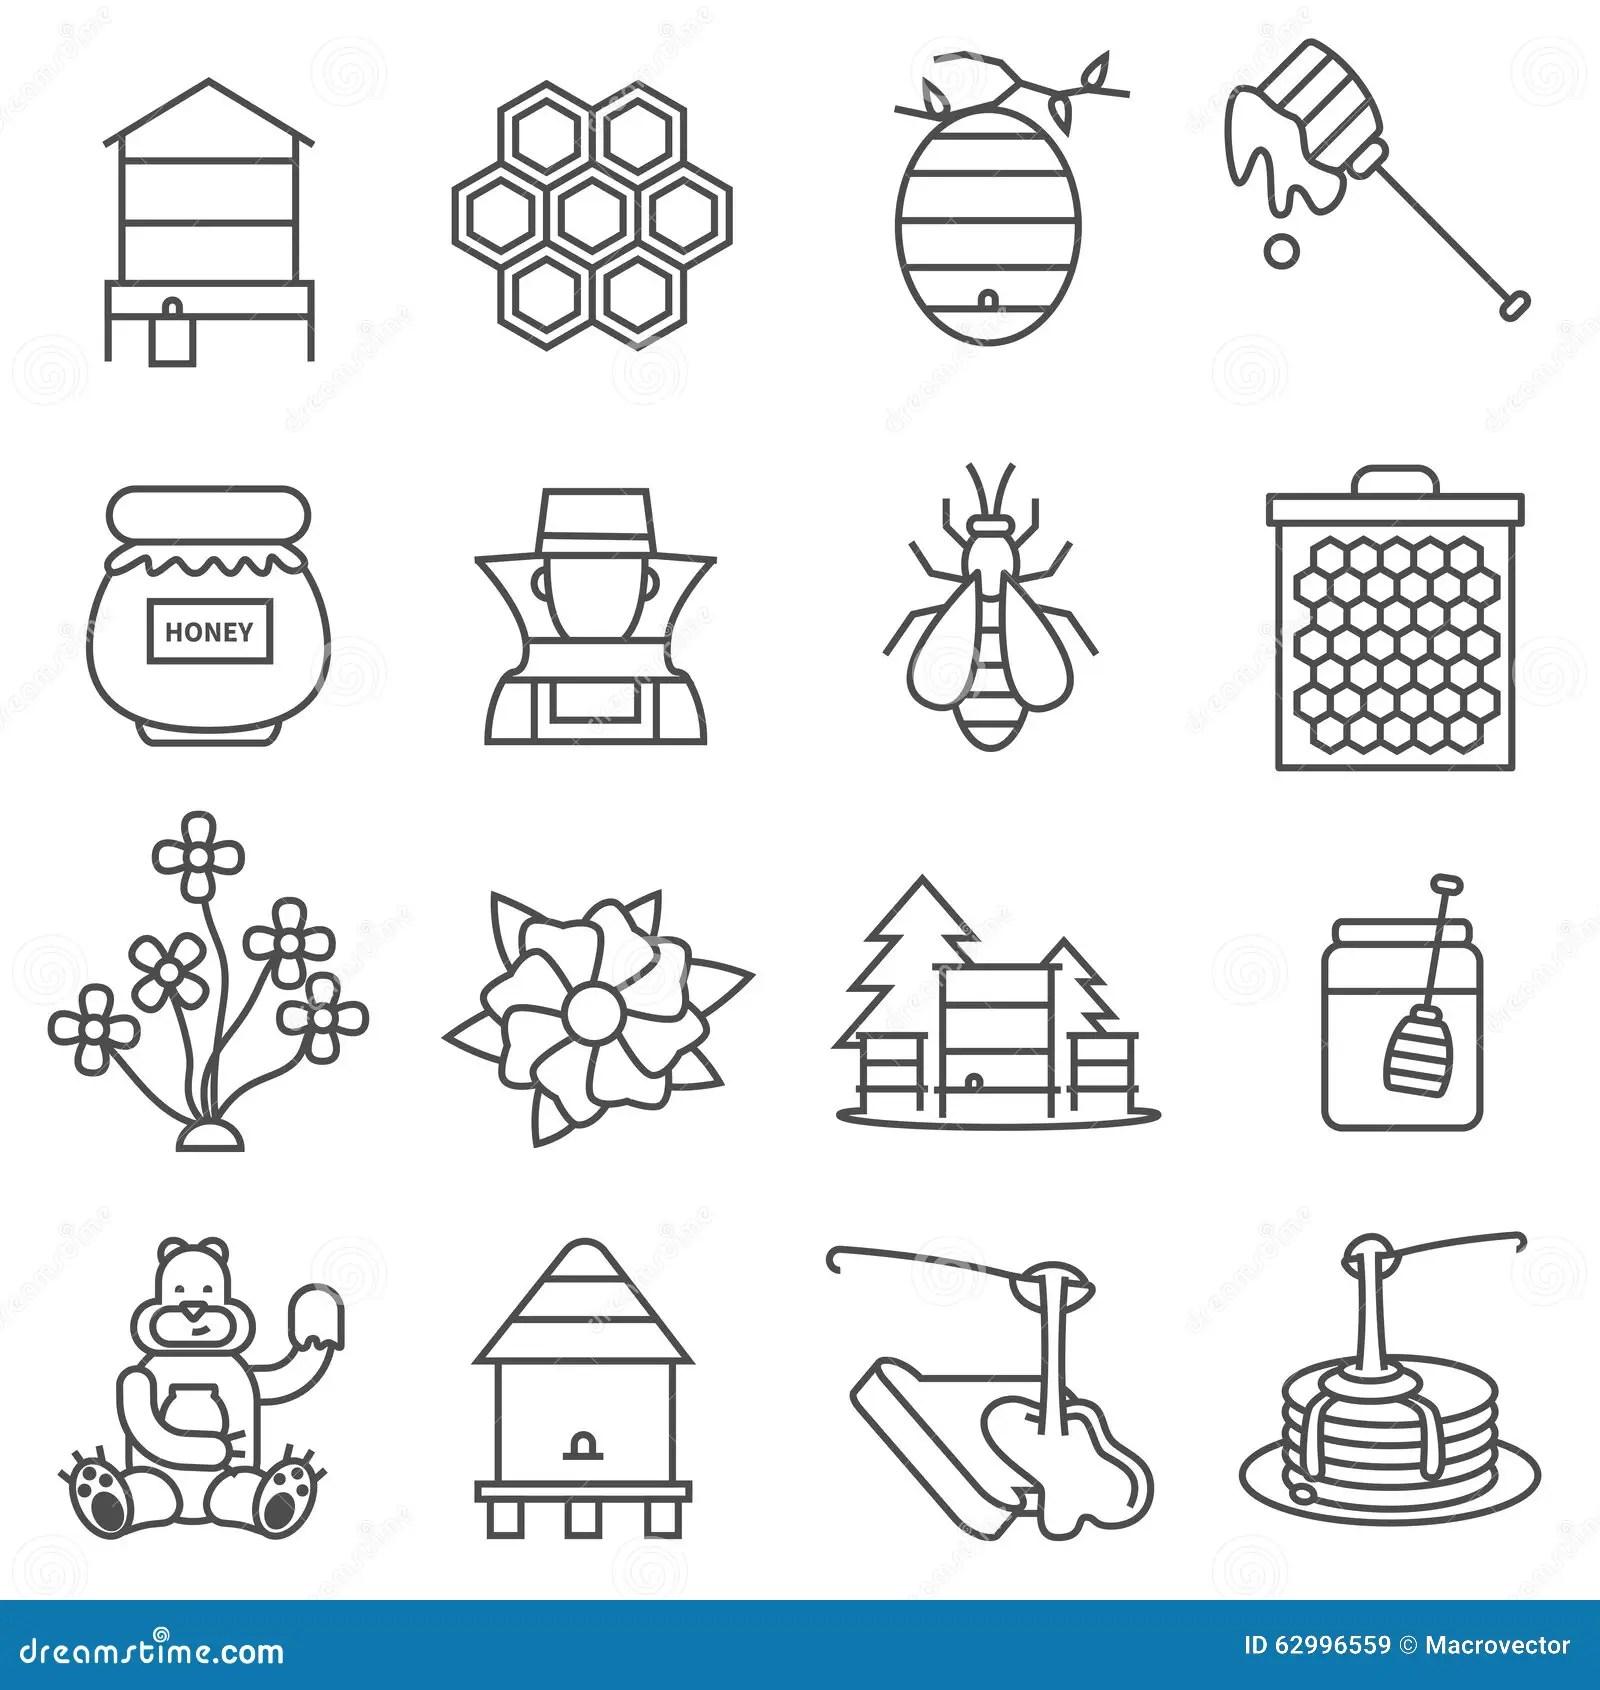 Honey Jar Line Icon, Food Drink Elements Cartoon Vector